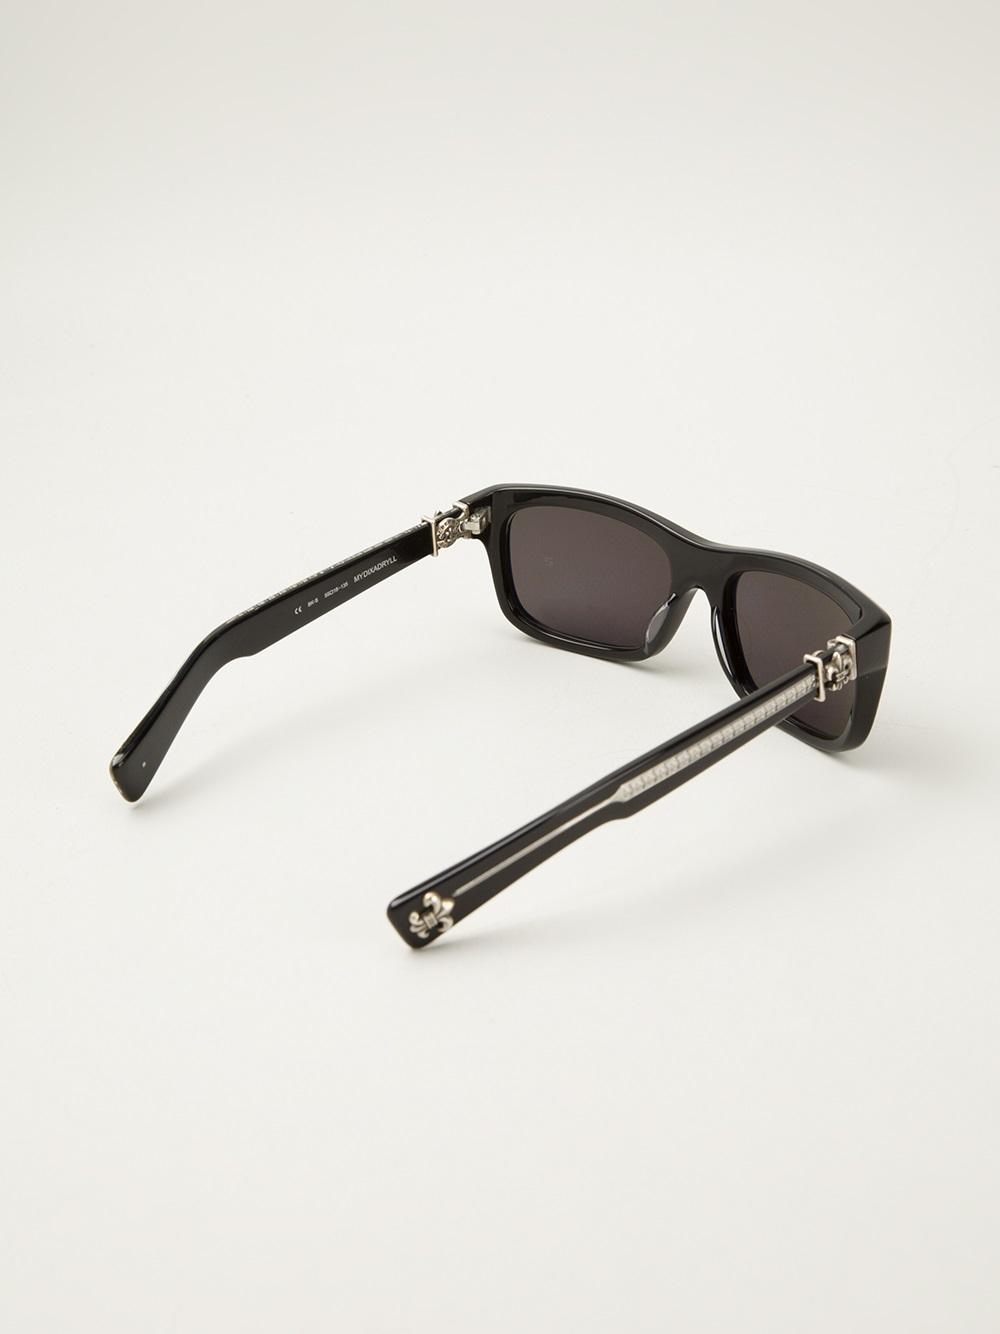 39adf485c65 Lyst chrome hearts dixadryll sunglasses in black for men jpg 1000x1334 Chrome  hearts glasses men